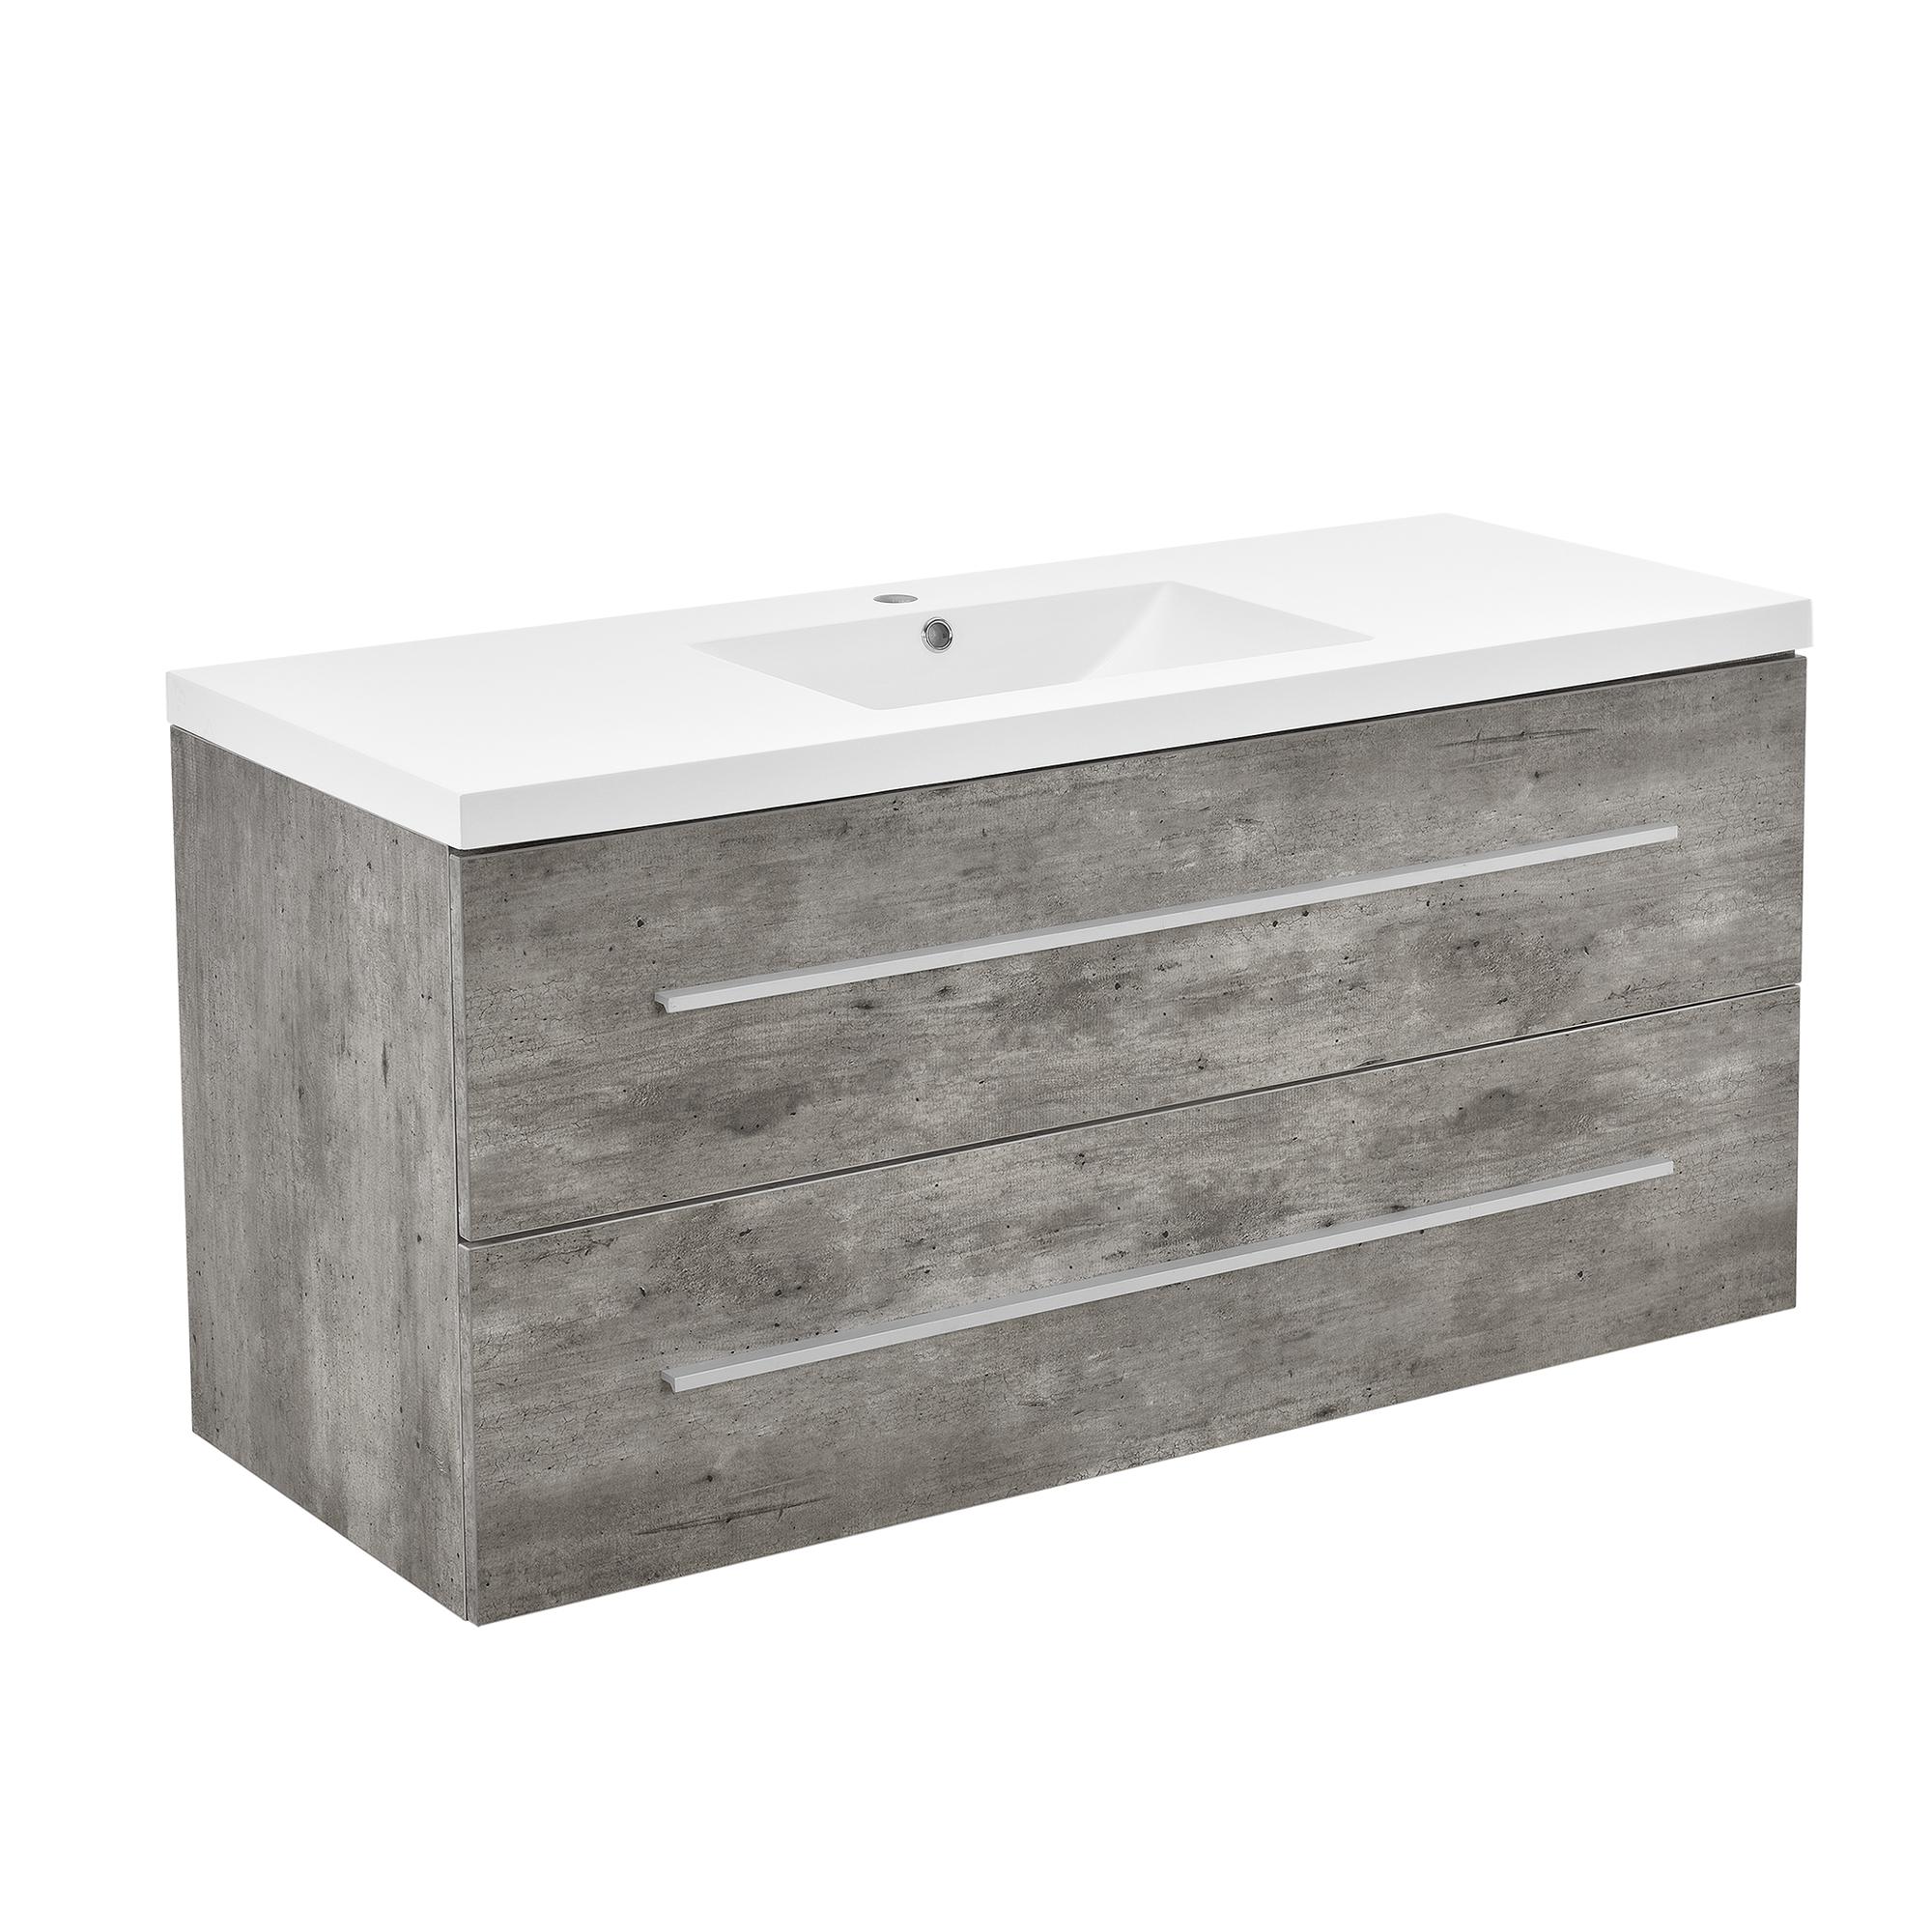 Armadio da bagno armadio sotto lavabo cemento - Mobili bagno su ebay ...